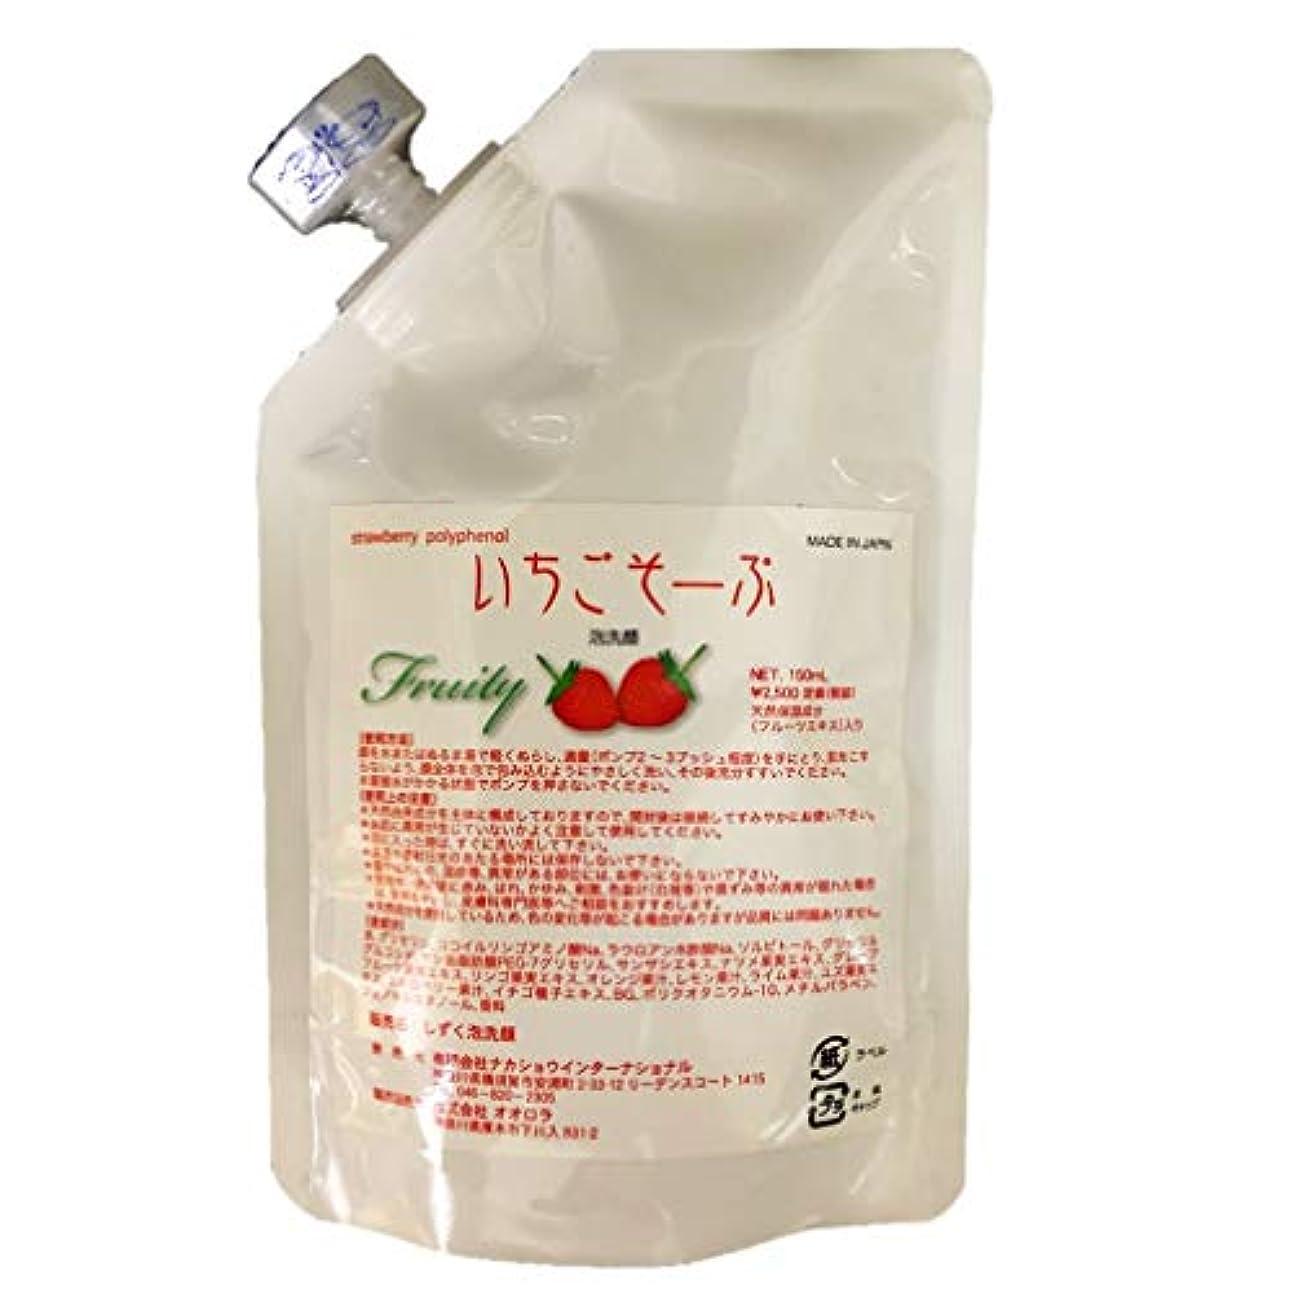 スロープいわゆる取り消すいちごそーぷ 泡洗顔料 150mL詰替えパウチ 超保湿を優しいフルーツで